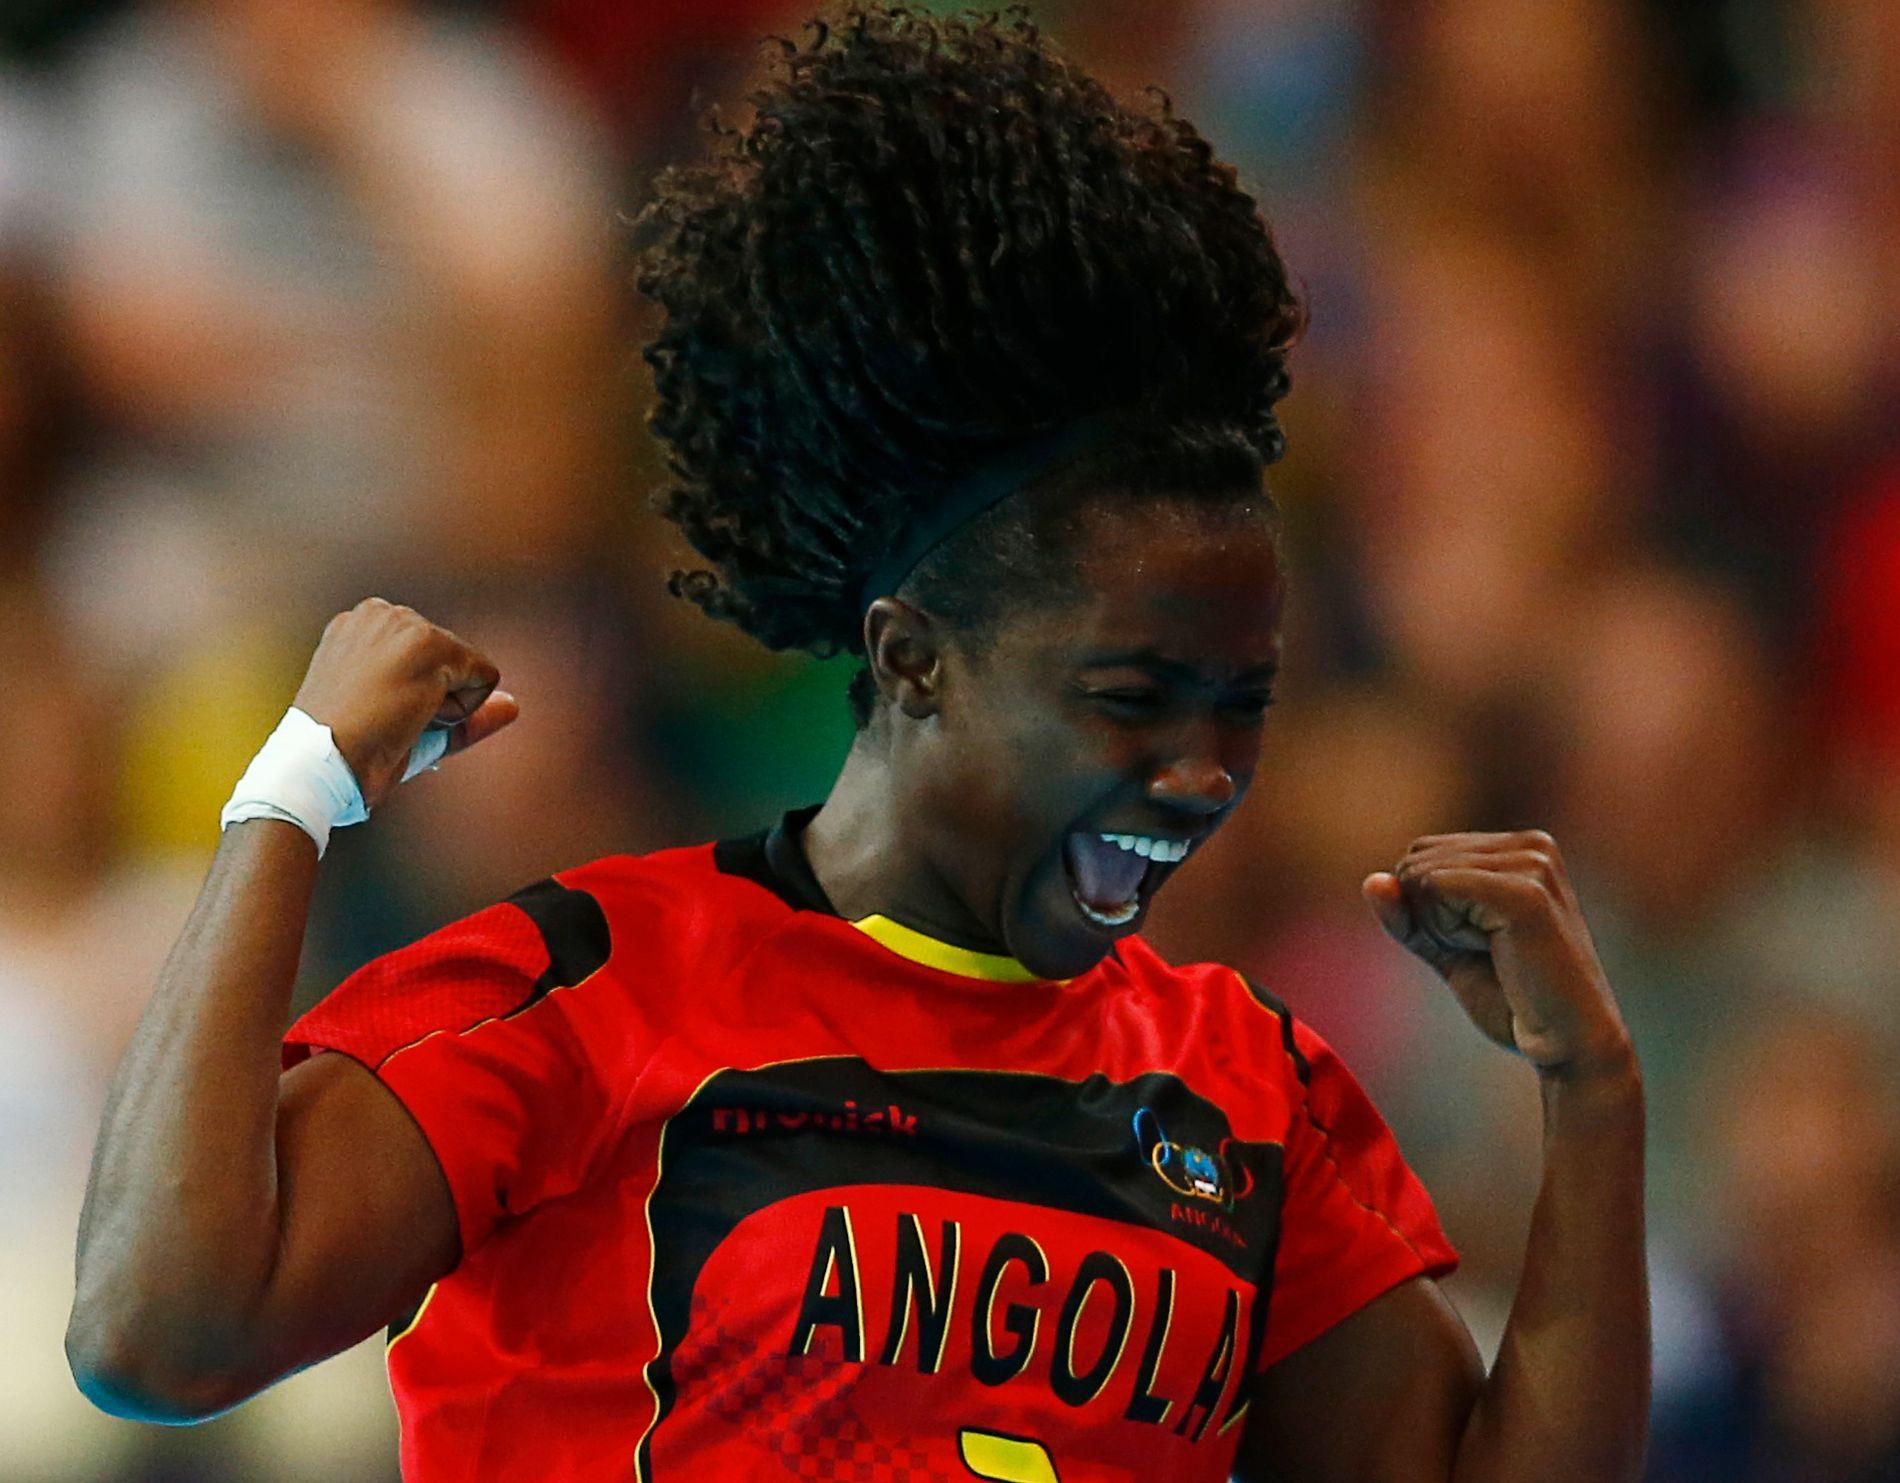 HÅRFIN KANT: Carolina Morais jubler for Angola i London-OL. Nå ser høyrekanten ut til å bli Vipers-spiller i Kristiansand.